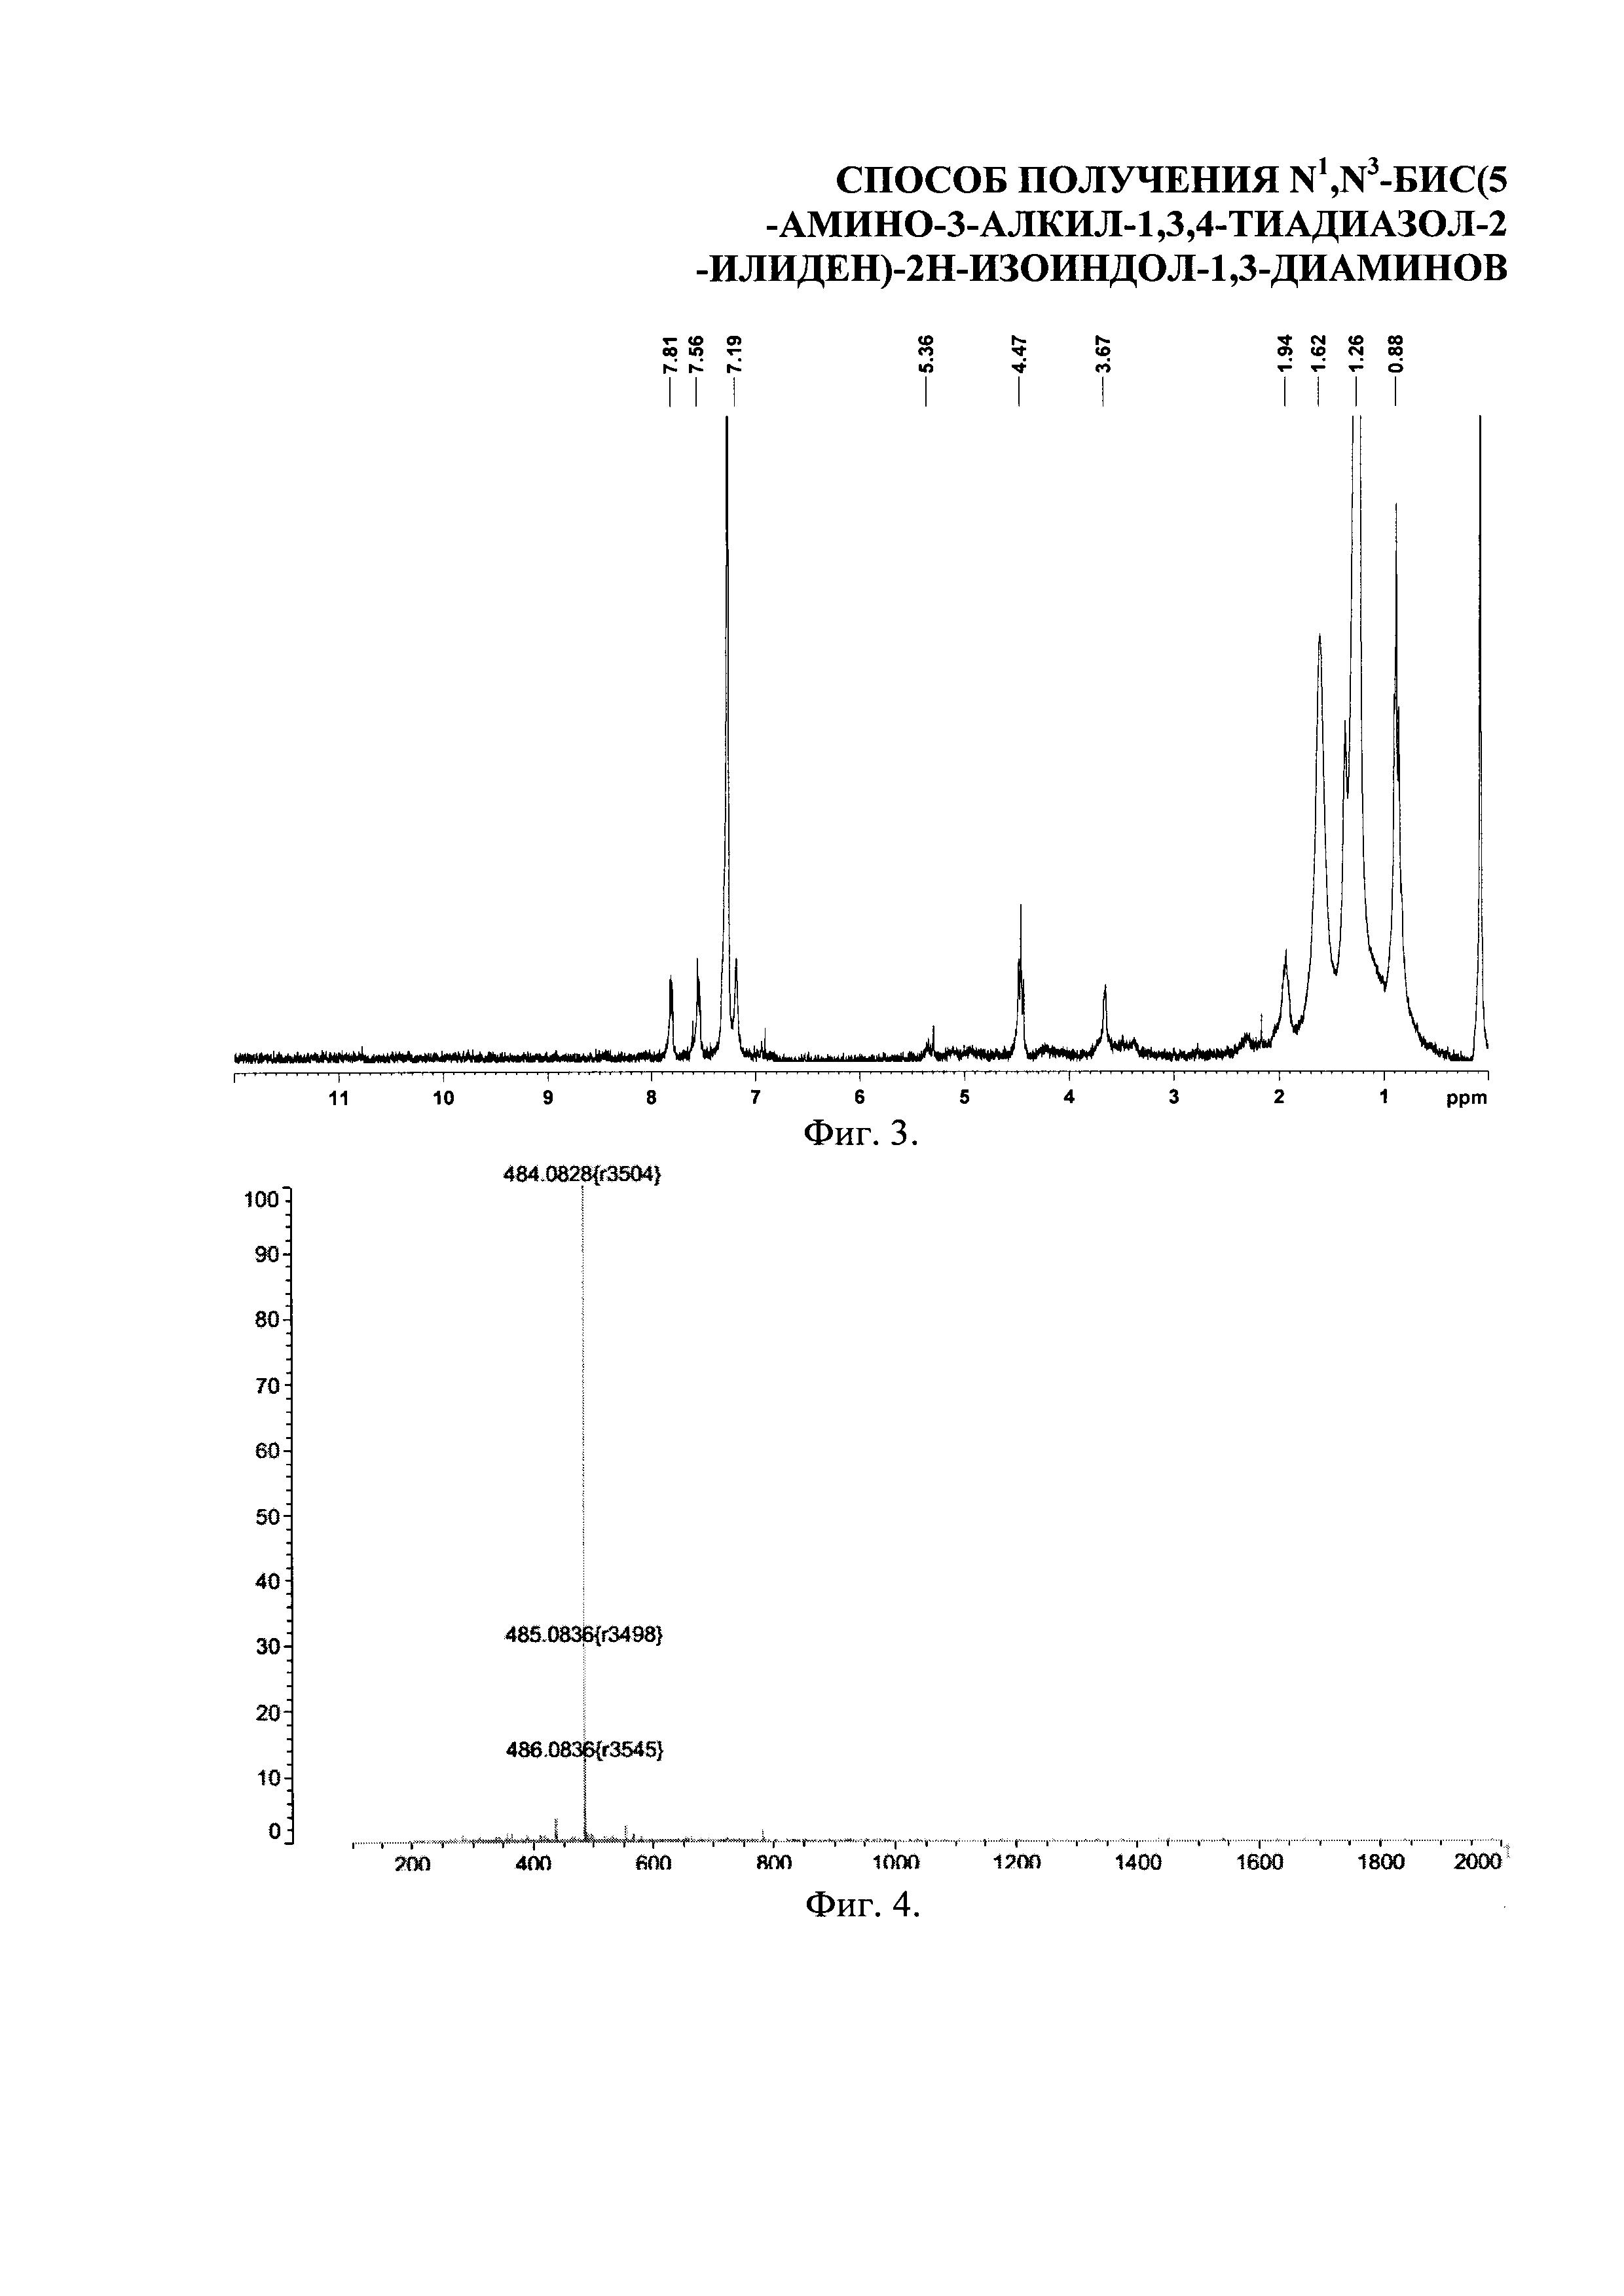 Способ получения n,n-бис(5-амино-3-алкил-1,3,4-тиадиазол-2-илиден)-2н-изоиндол-1,3-диаминов